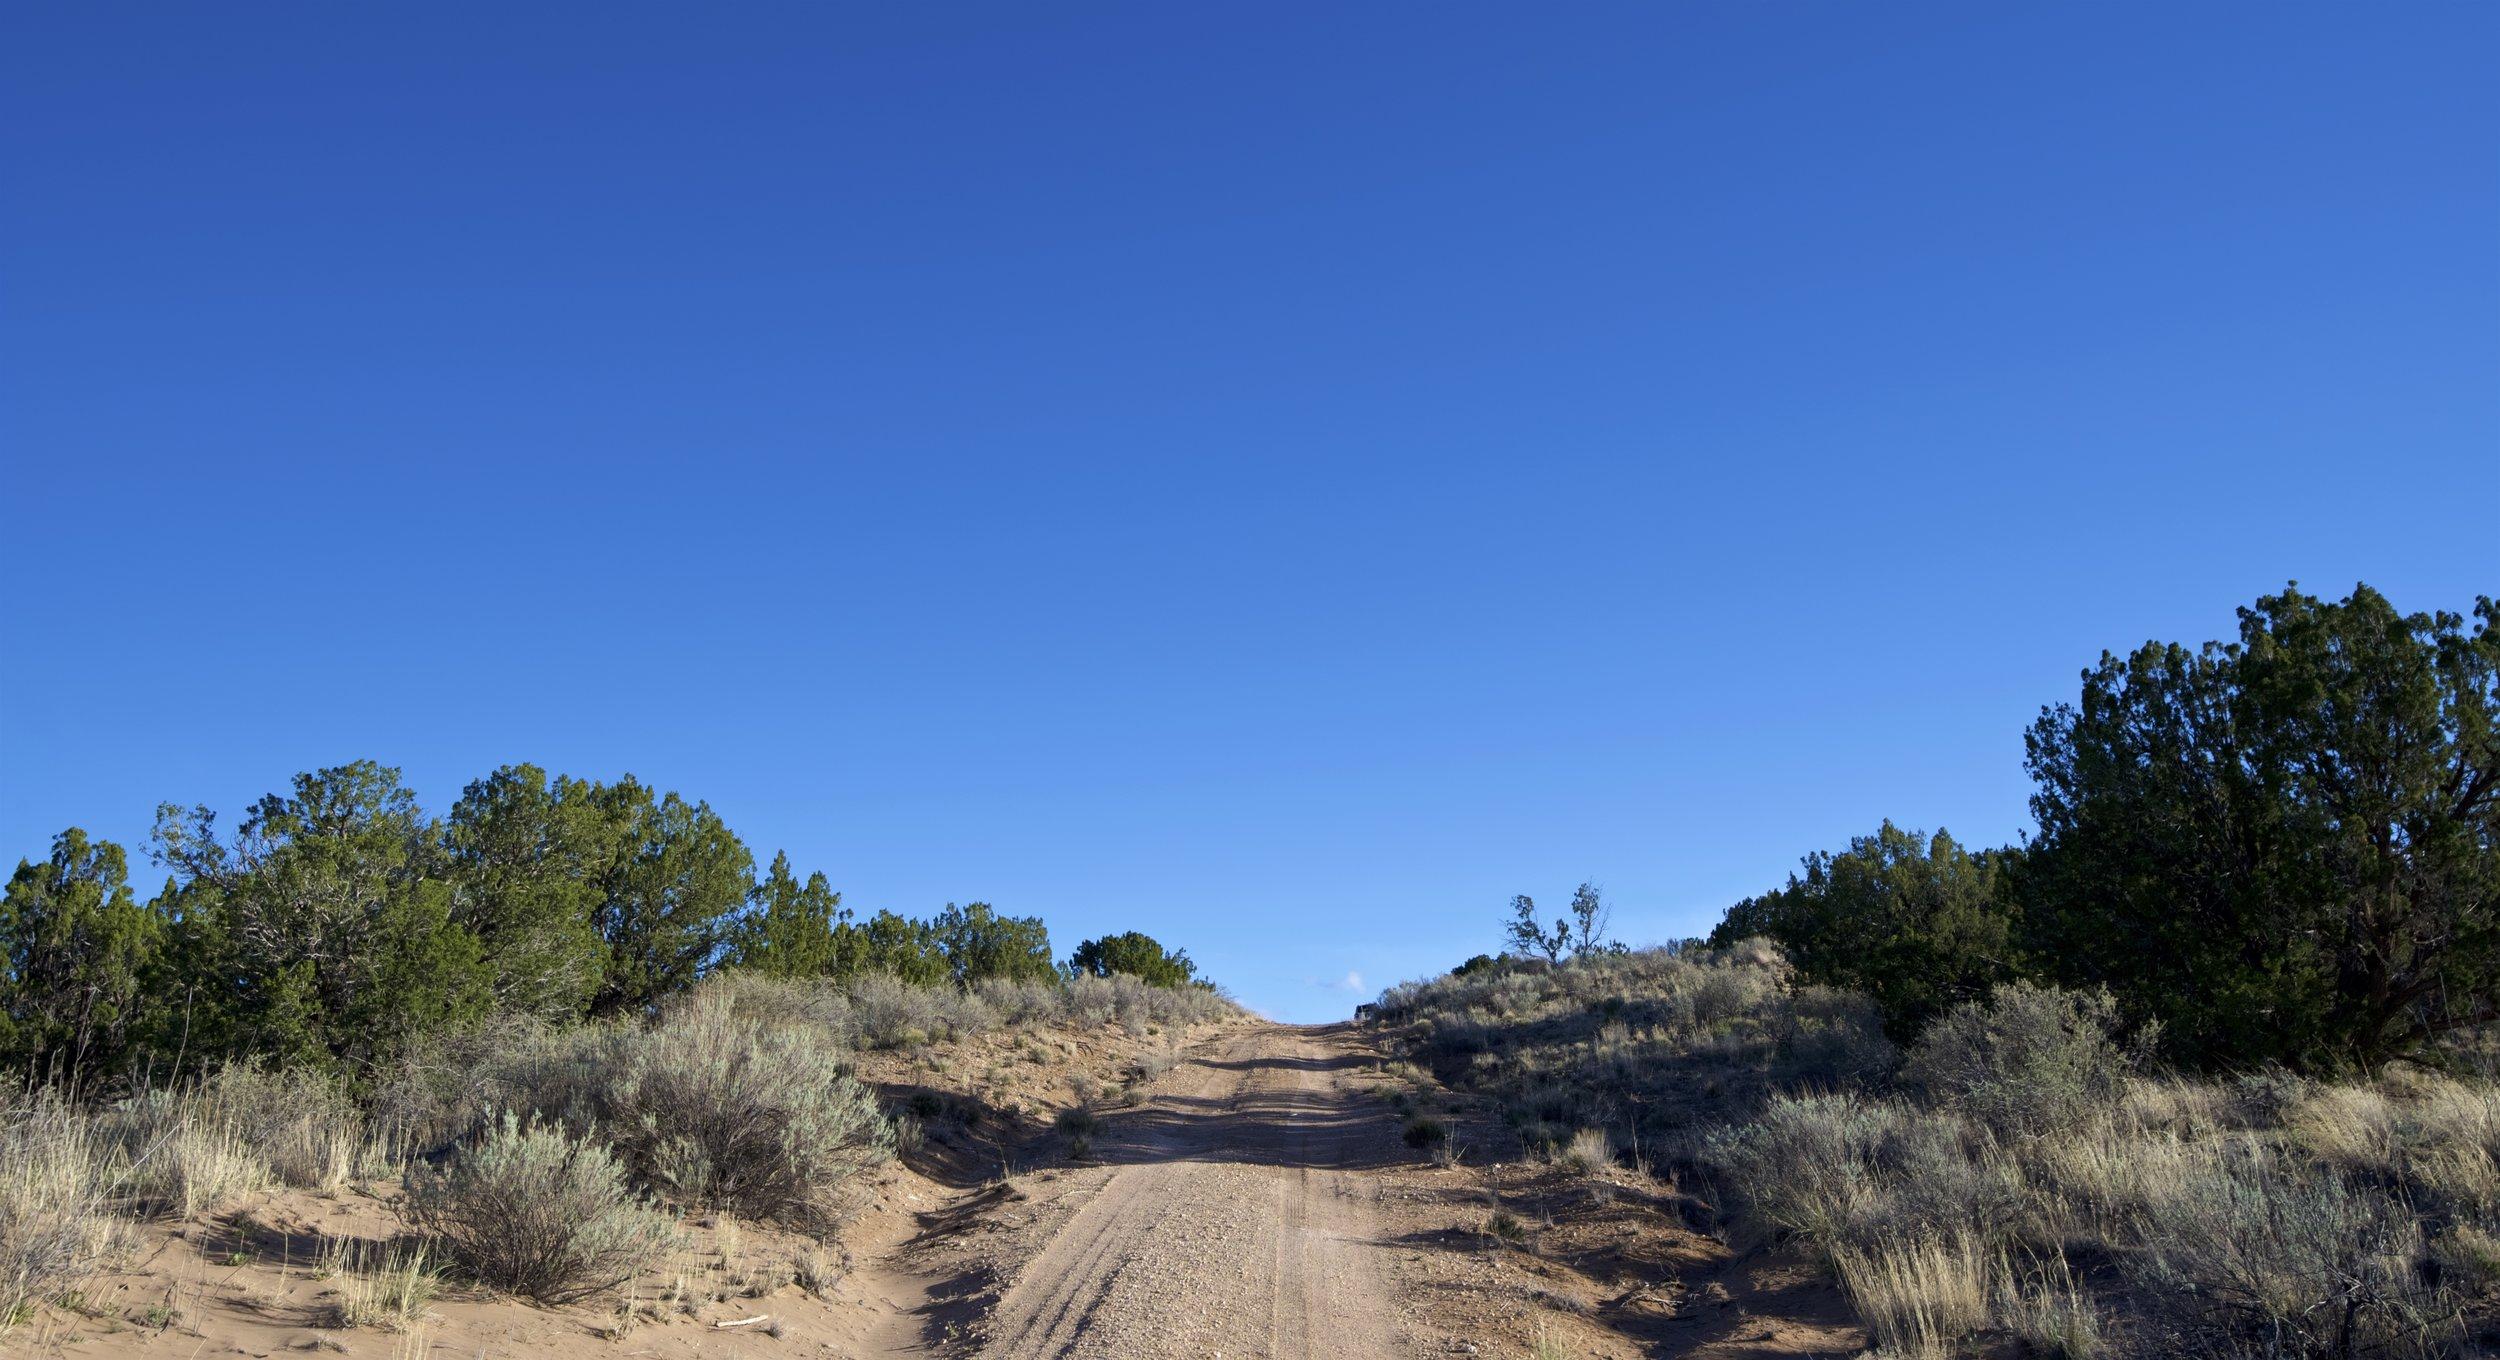 SNNM-2231-rio-rancho-125688.jpg